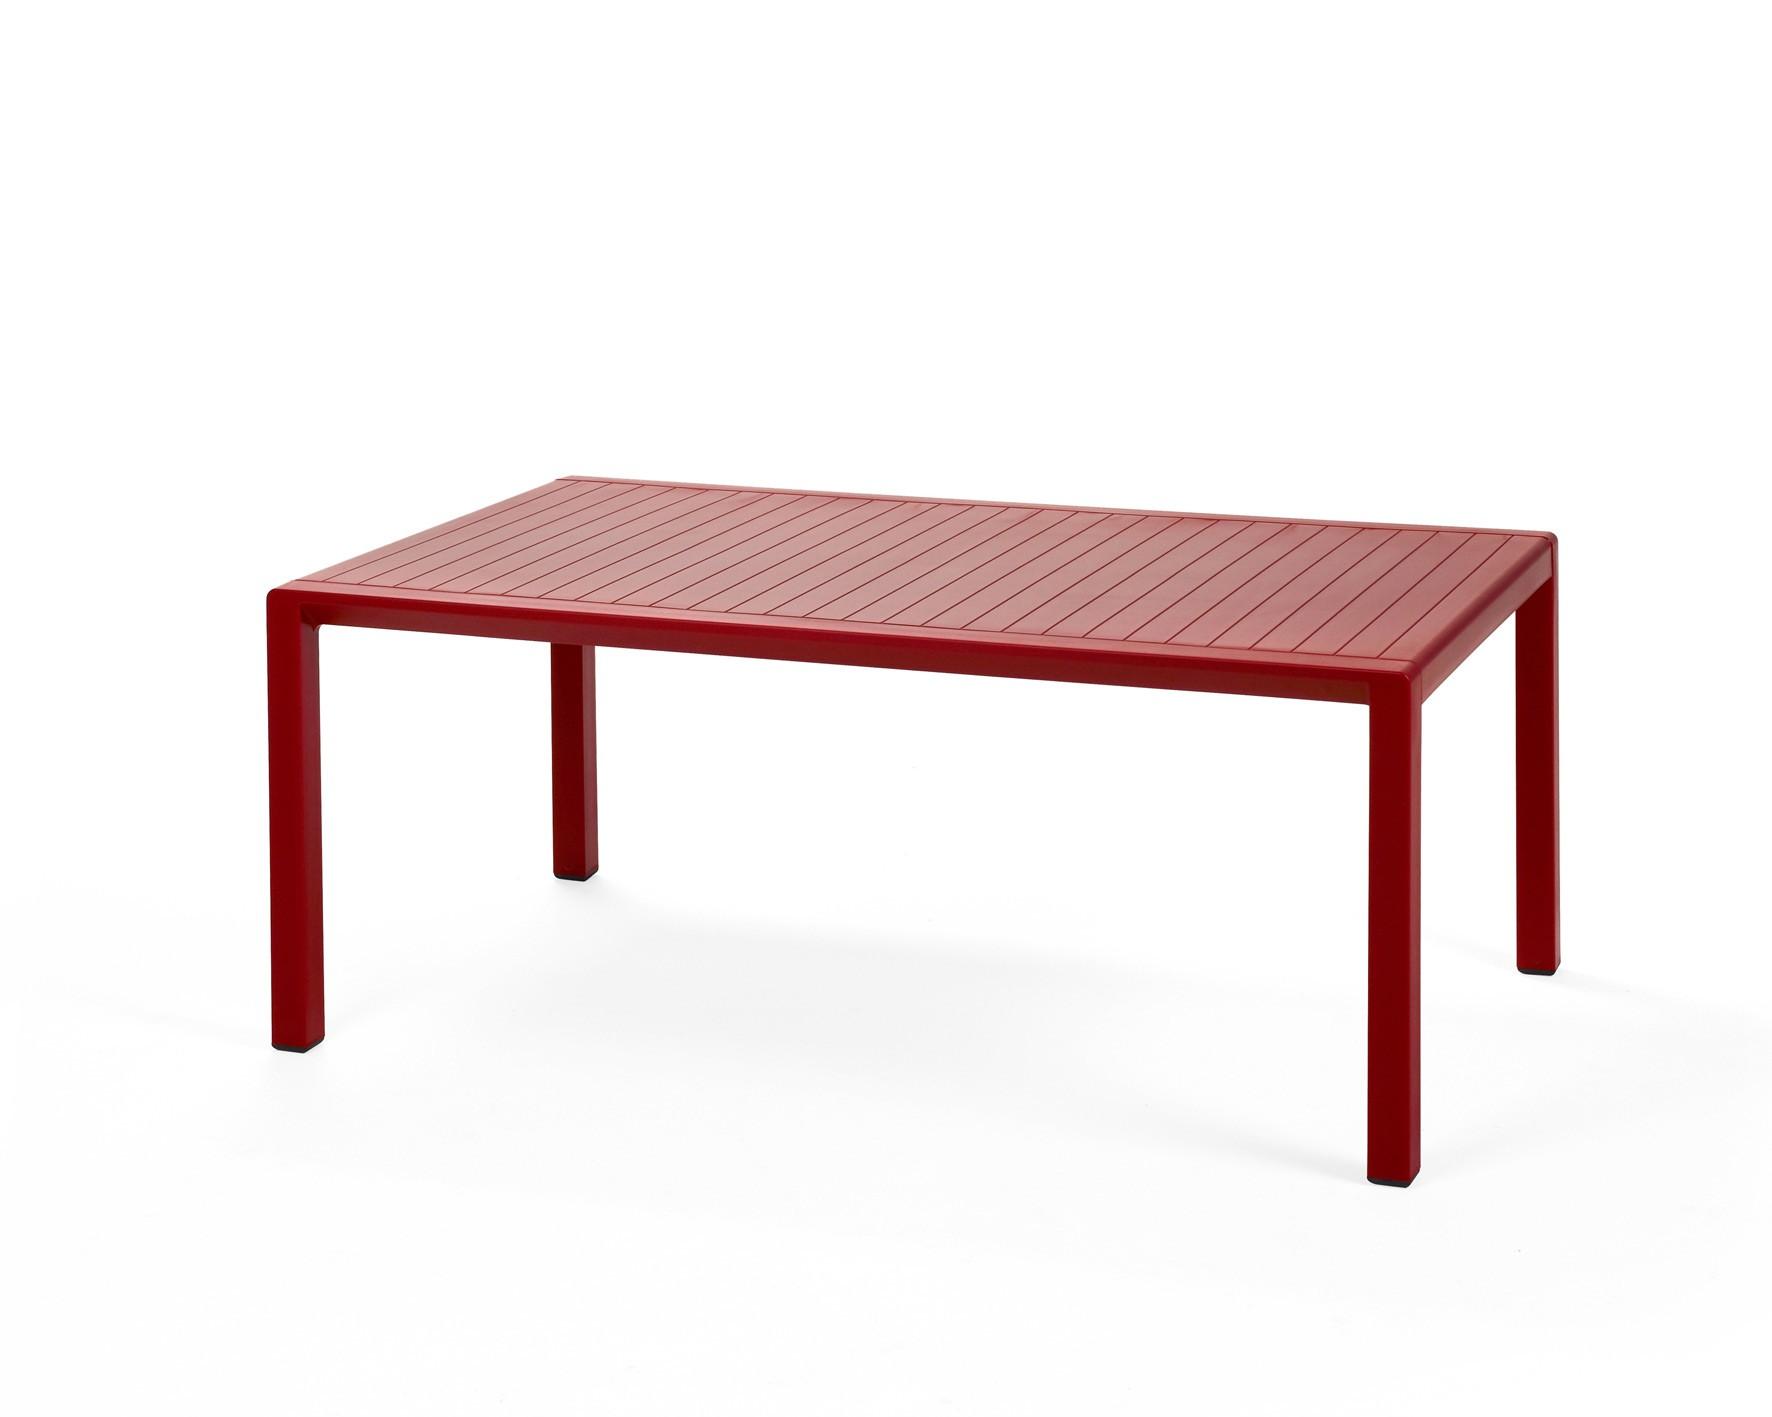 gartentisch beistelltisch aria kunststoff rot 100x60cm. Black Bedroom Furniture Sets. Home Design Ideas